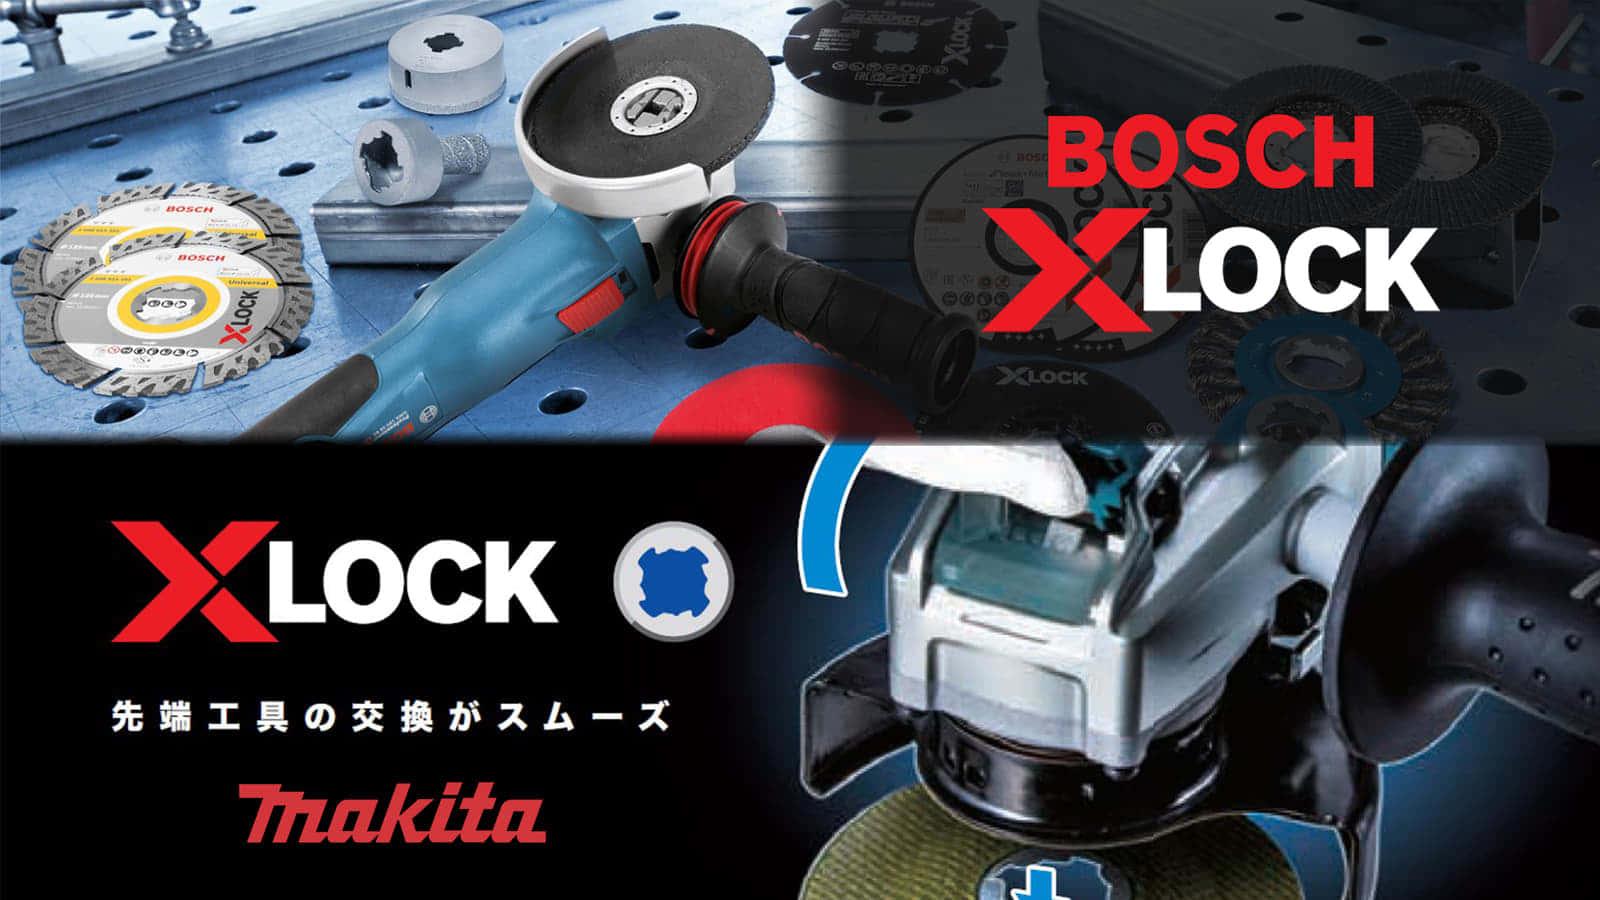 マキタ vs BOSCH 「X-LOCK」ディスクグラインダーを徹底解説